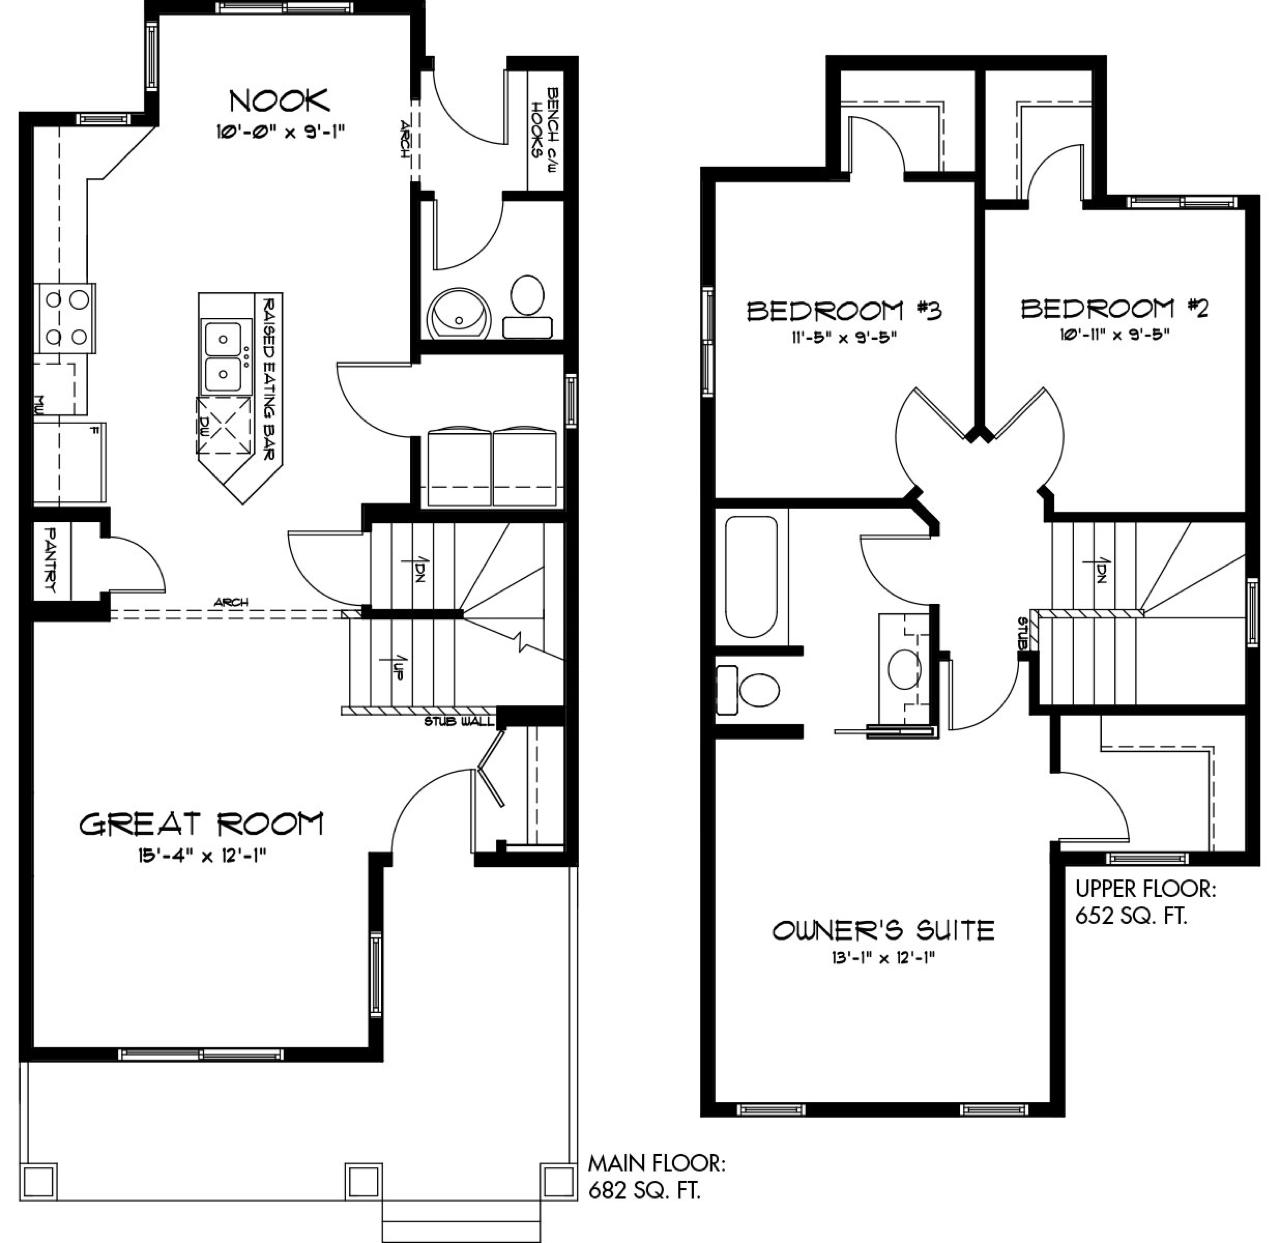 Picturesque Quick Possessions Lexi B Floor Plan Image